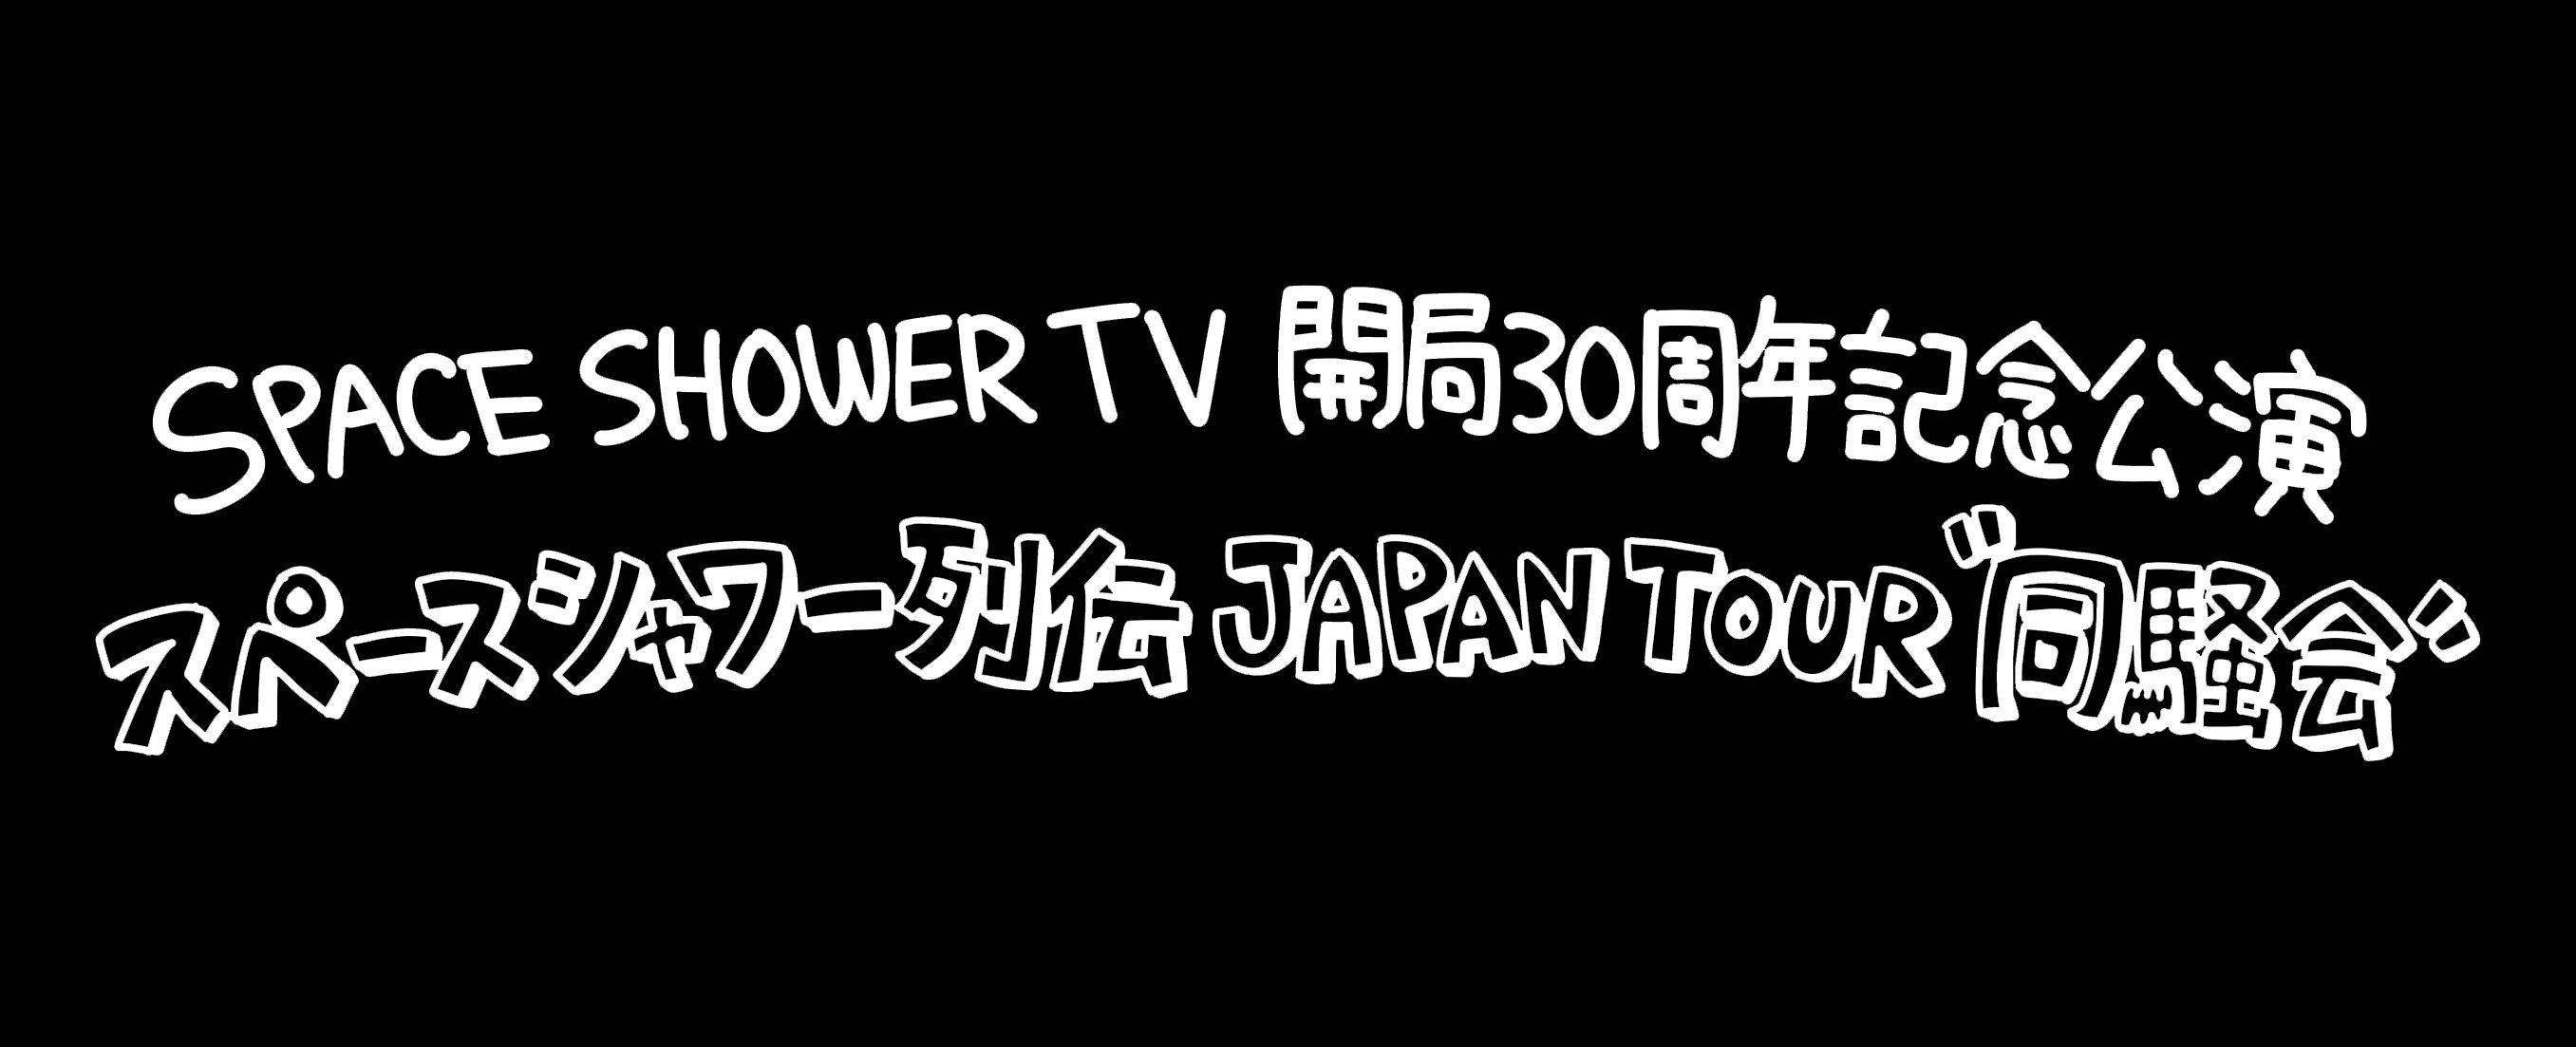 """大阪 Zepp OsakaBayside<span class=""""live-title"""">SPACE SHOWER TV 開局30周年記念公演 スペースシャワー列伝 JAPAN TOUR """"同騒会""""</span>"""